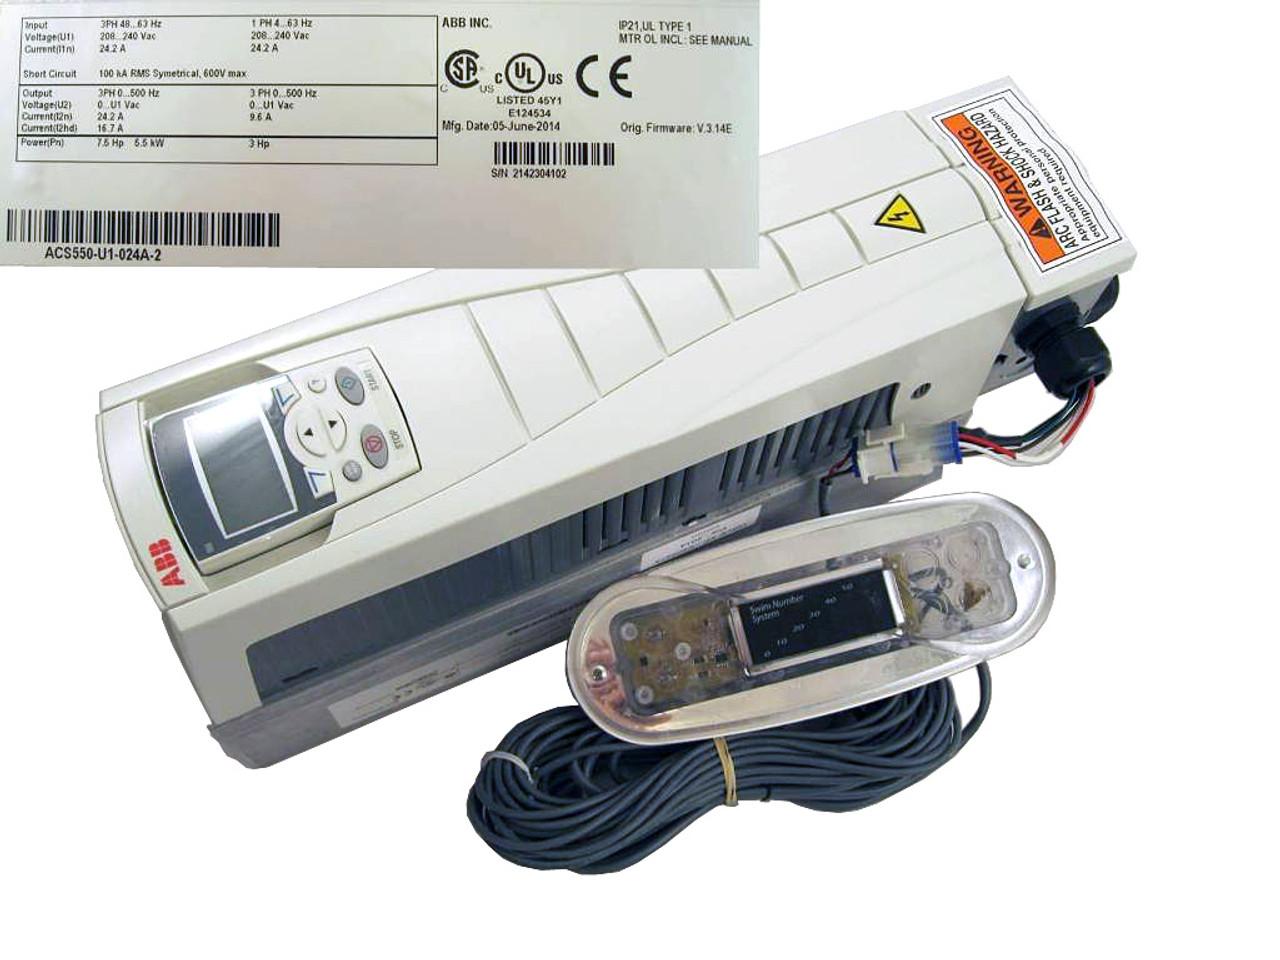 Master Spa Y940444 Wave Xp Propulsion Control System